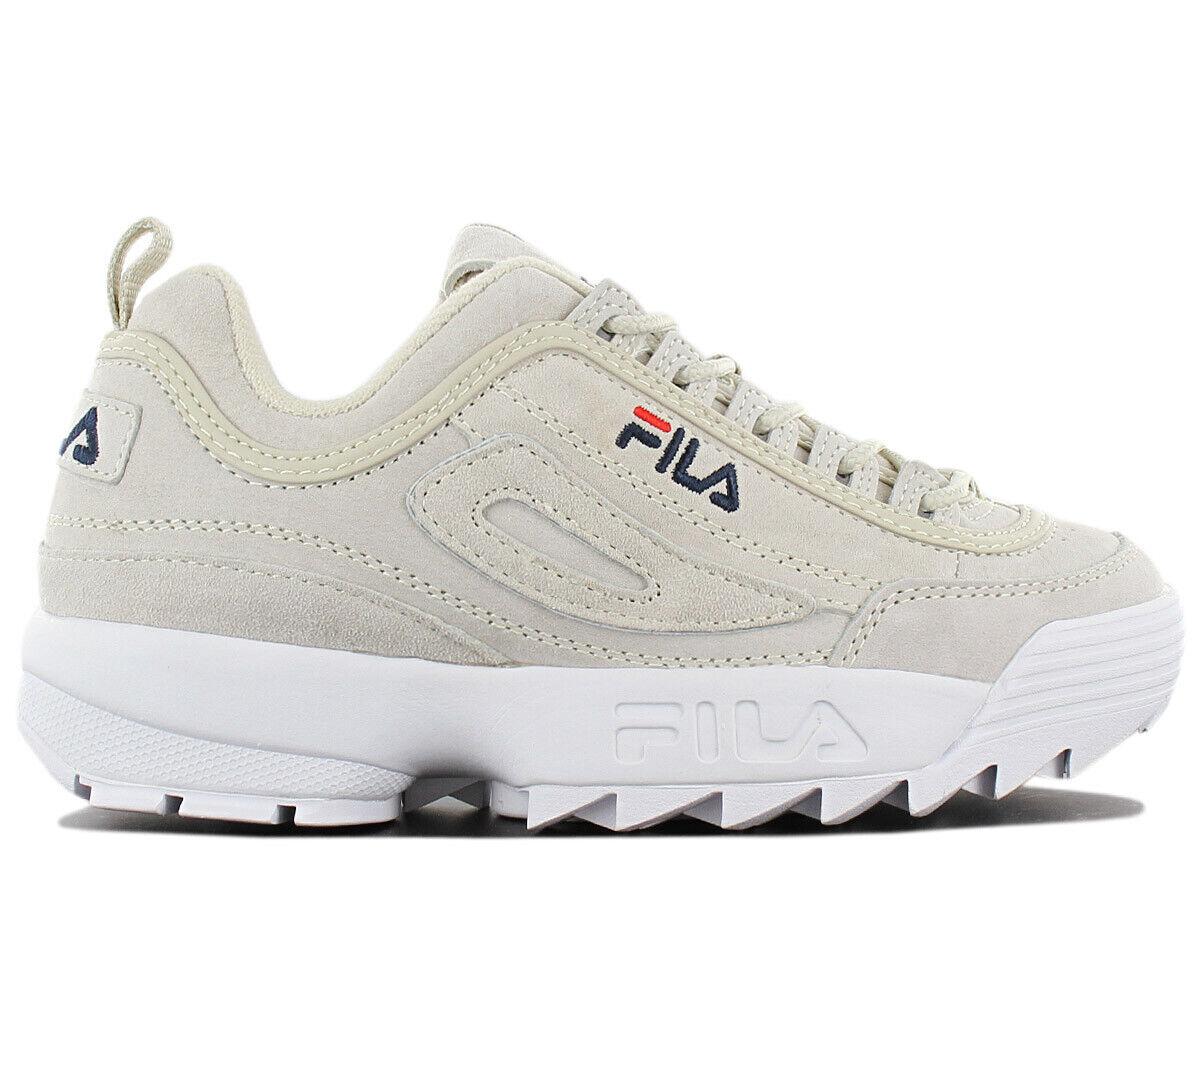 Fila Disruptor Leather S Low Zapatillas Deportivas de de de Mujer Cuero gris Zapatos  marca en liquidación de venta